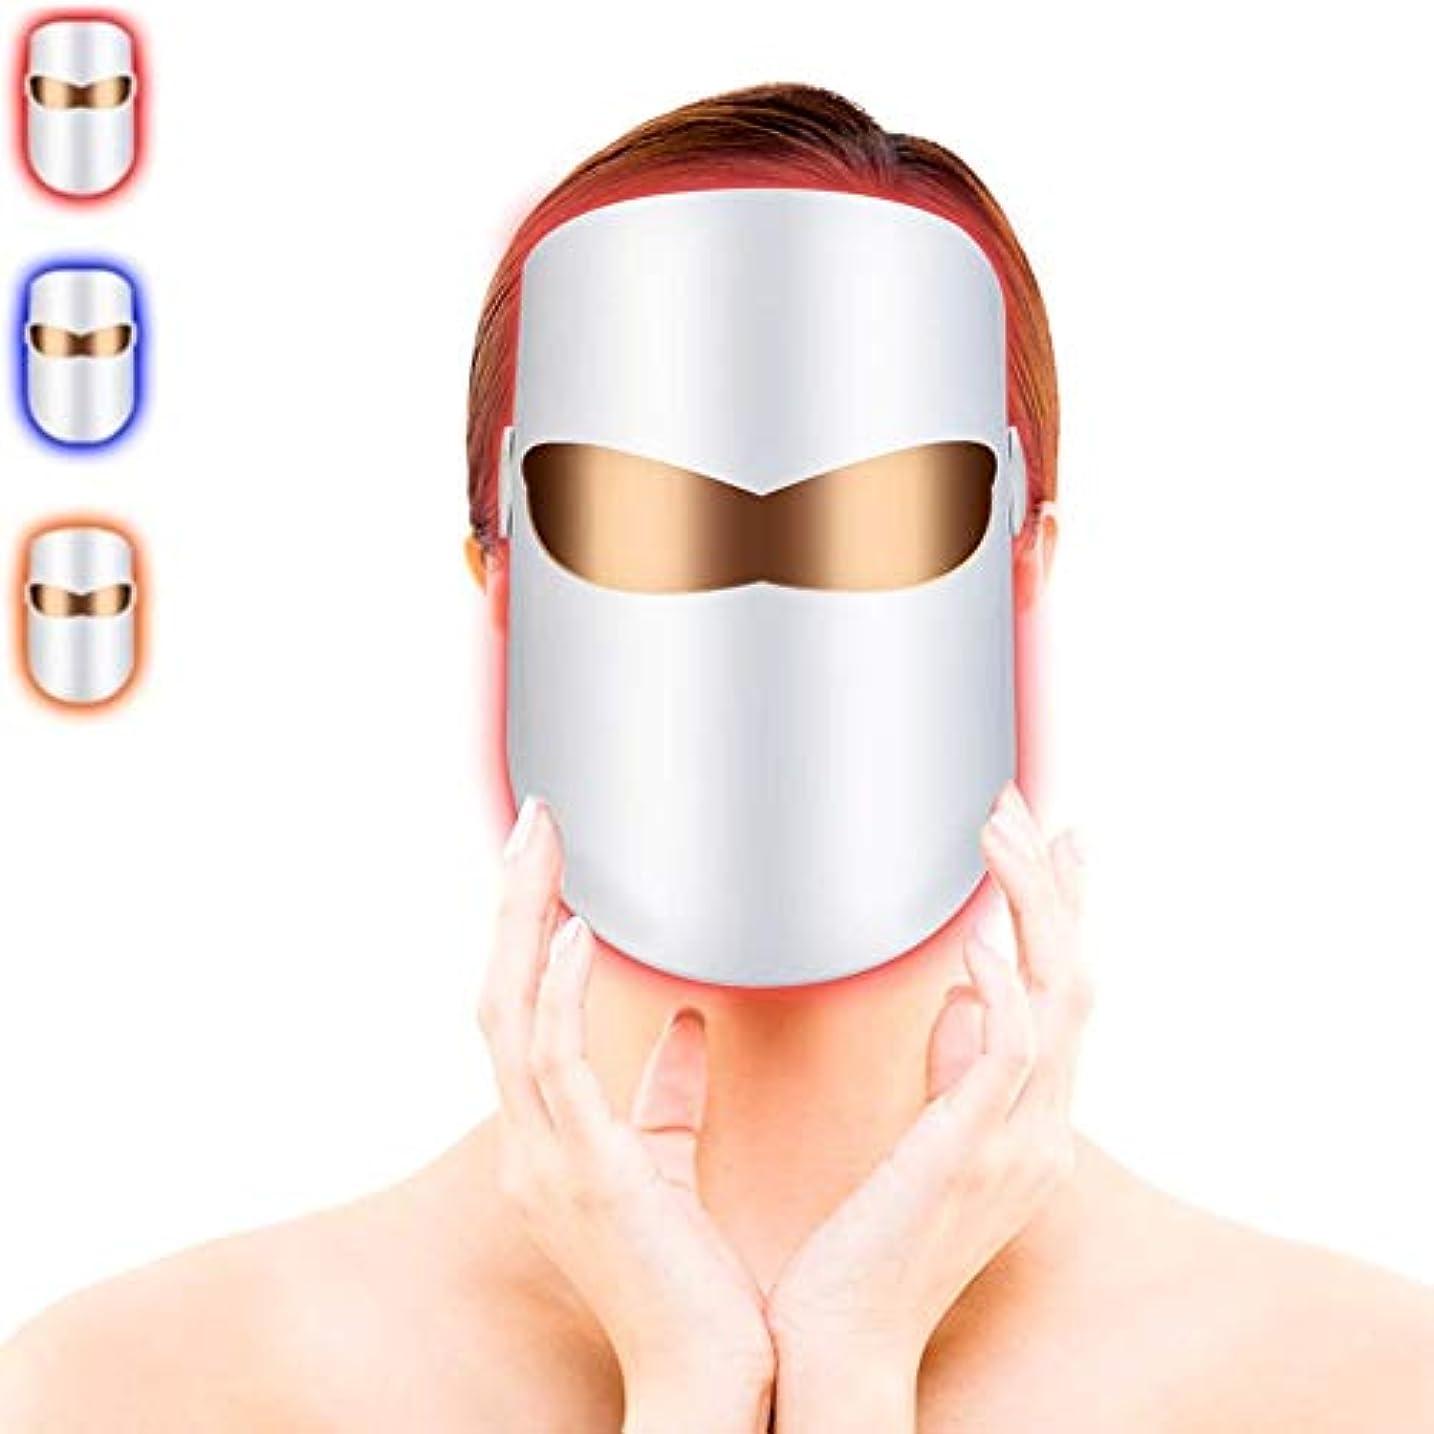 蓮むさぼり食うサラミLEDフェイシャルマスク、ライトセラピーフェイスマスクにきび治療、LEDフォトンセラピーフェイシャル美容マスクにきびスポットのしわコラーゲンコラーゲンスキンケアの若返りのための無制限の治療